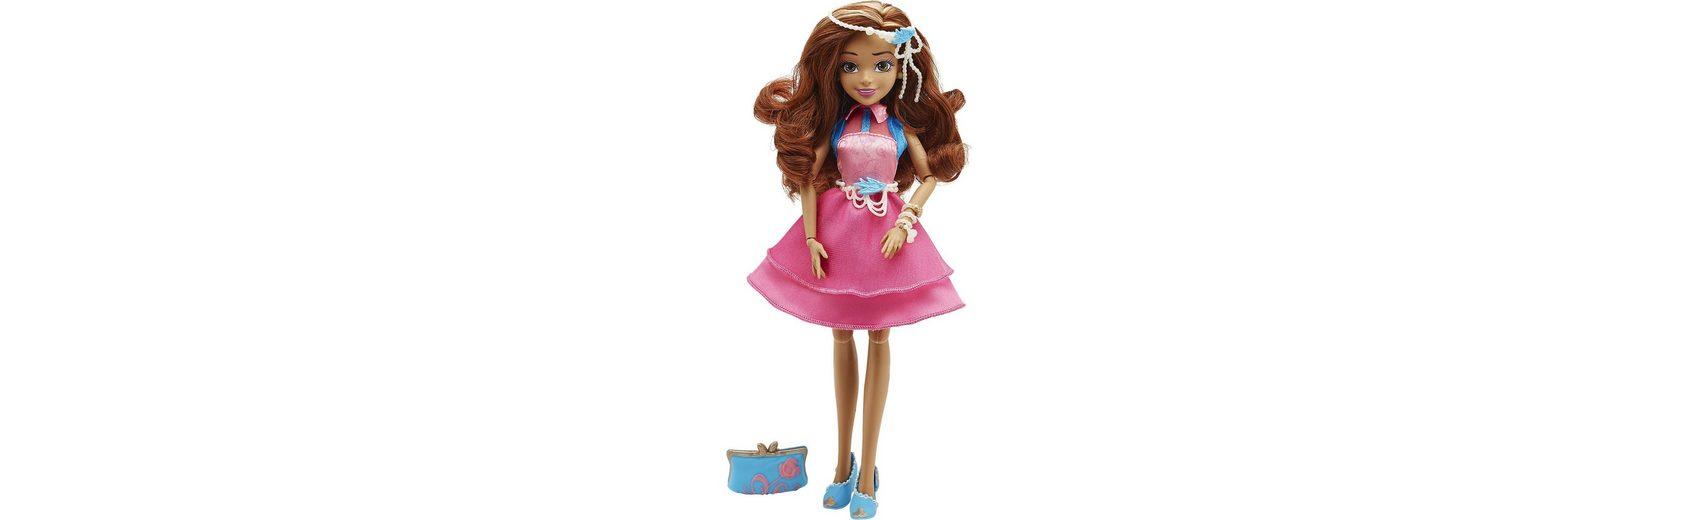 Hasbro Descendants Audrey im Lieblings-Outfit